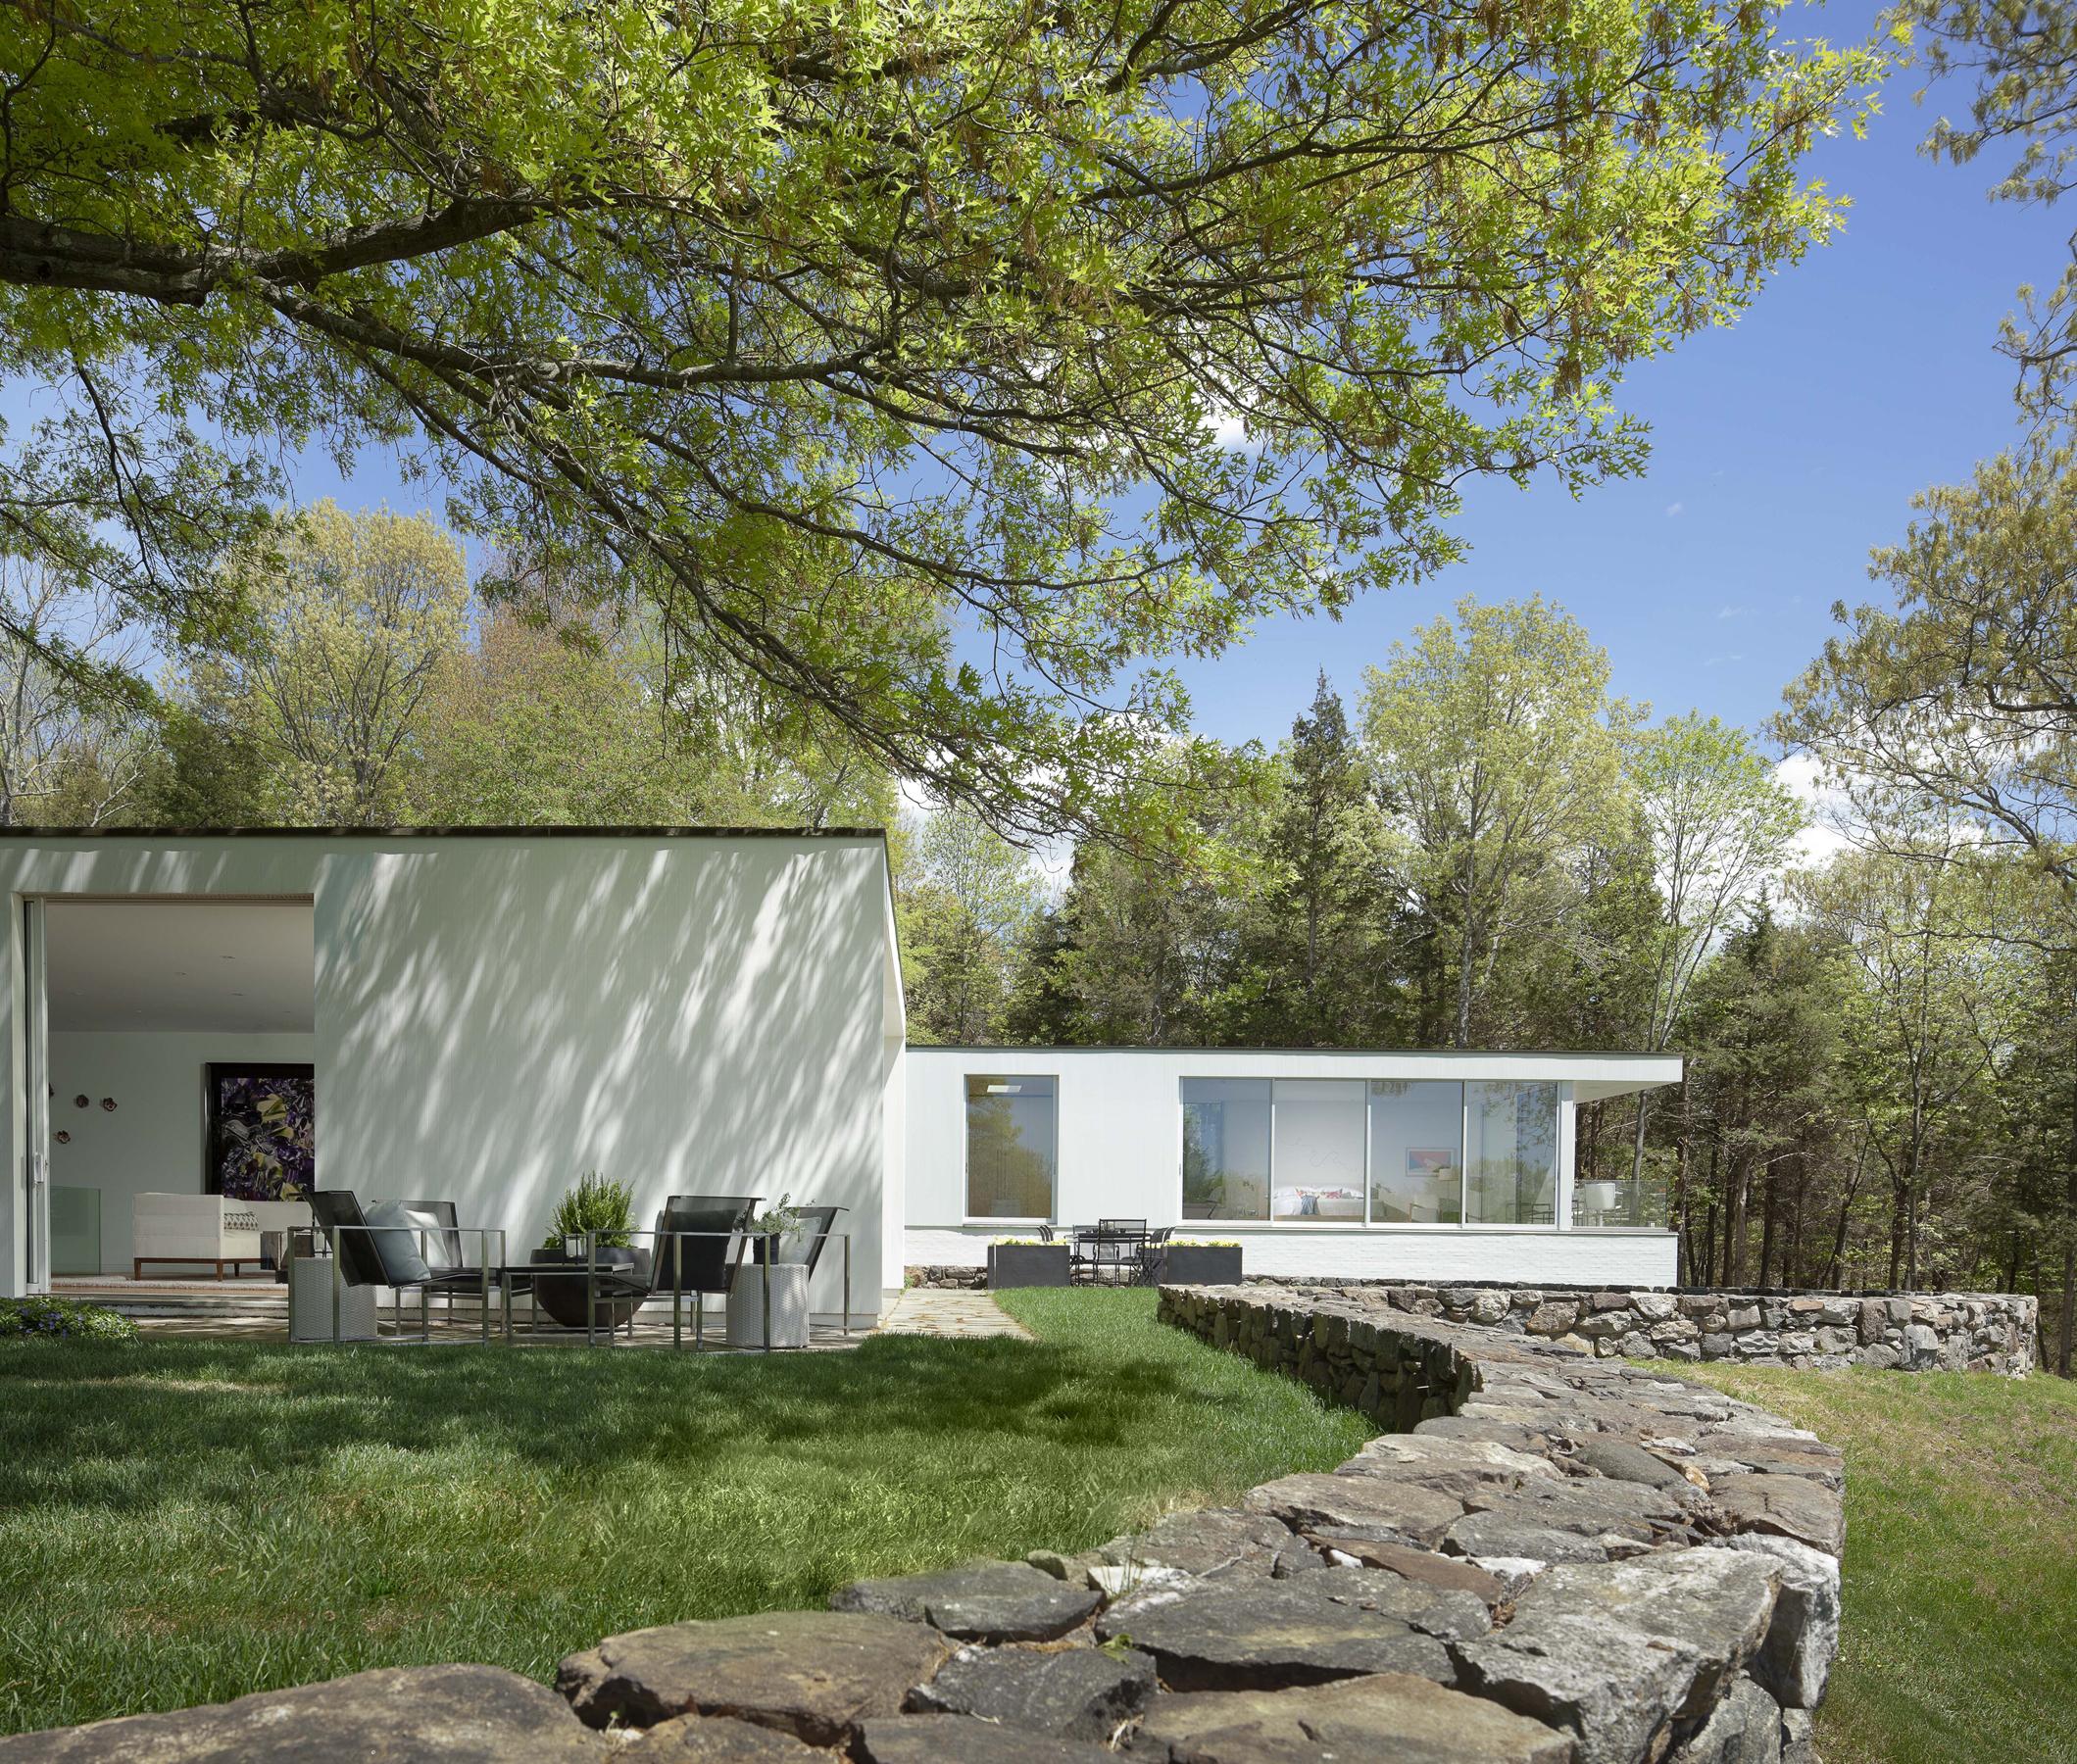 bradburns_bedford-residence.jpg